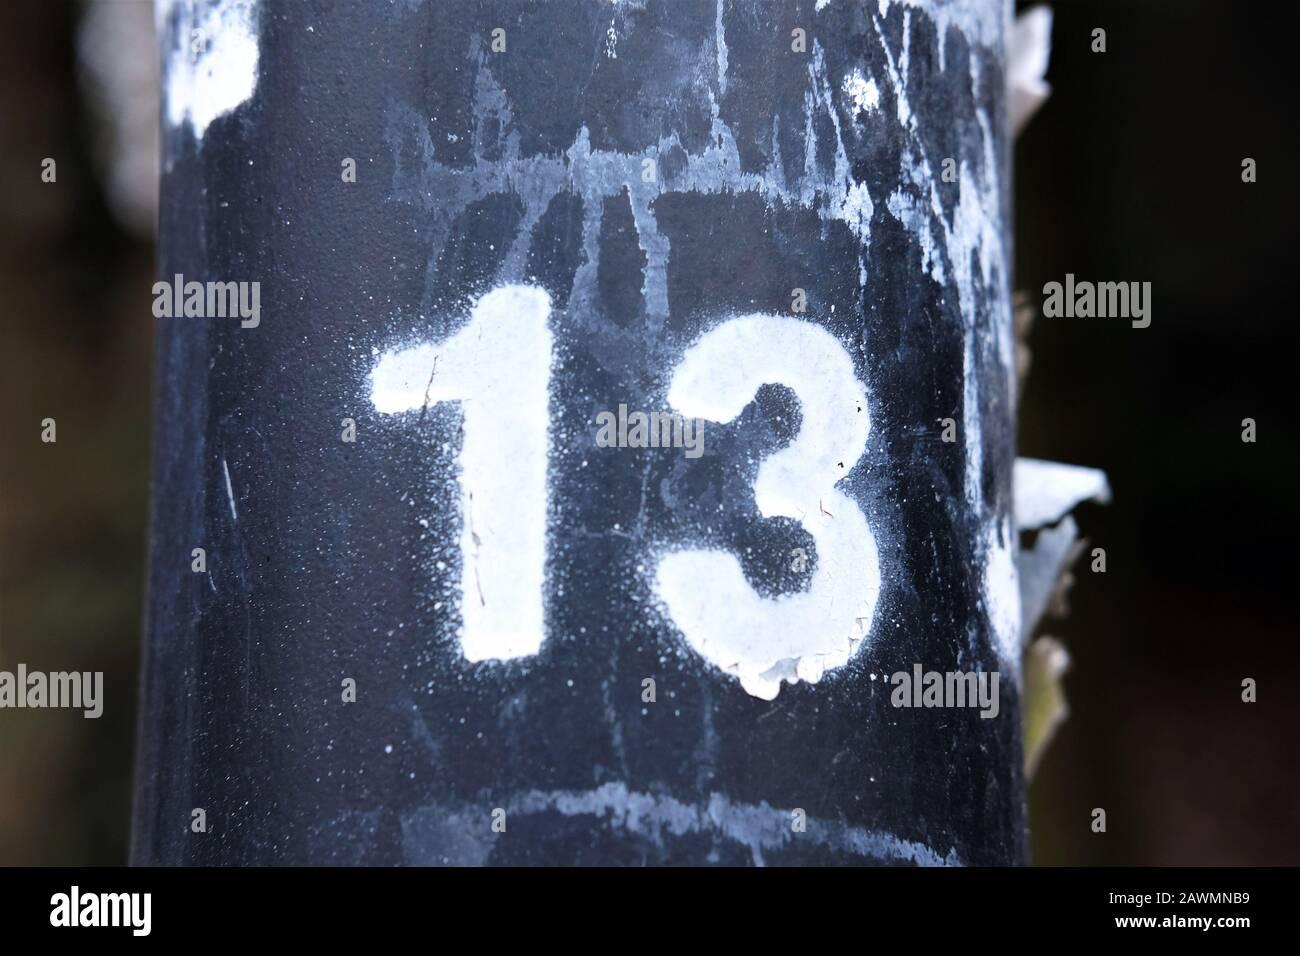 Nummer 13 mit weißer Farbe besprüht - Pech Aberglaube Konzept Stockfoto